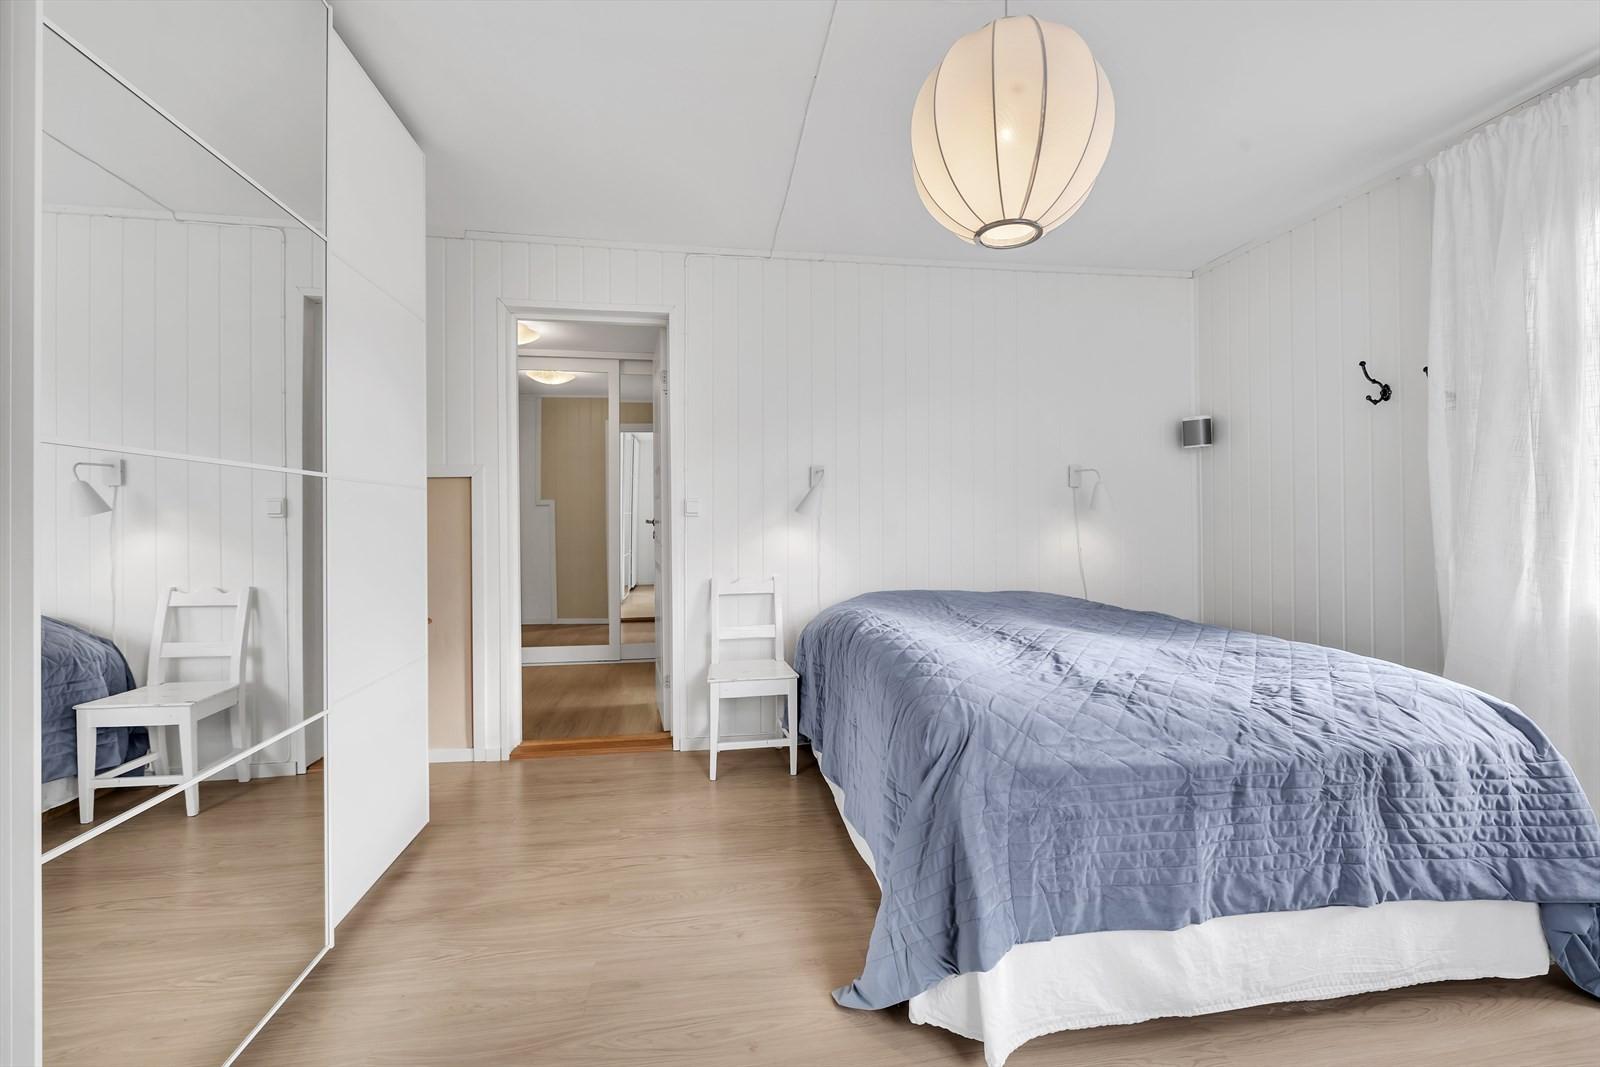 Hovedsoverommet ligger mot sør-vest og rommer fint en stor seng samt garderobe